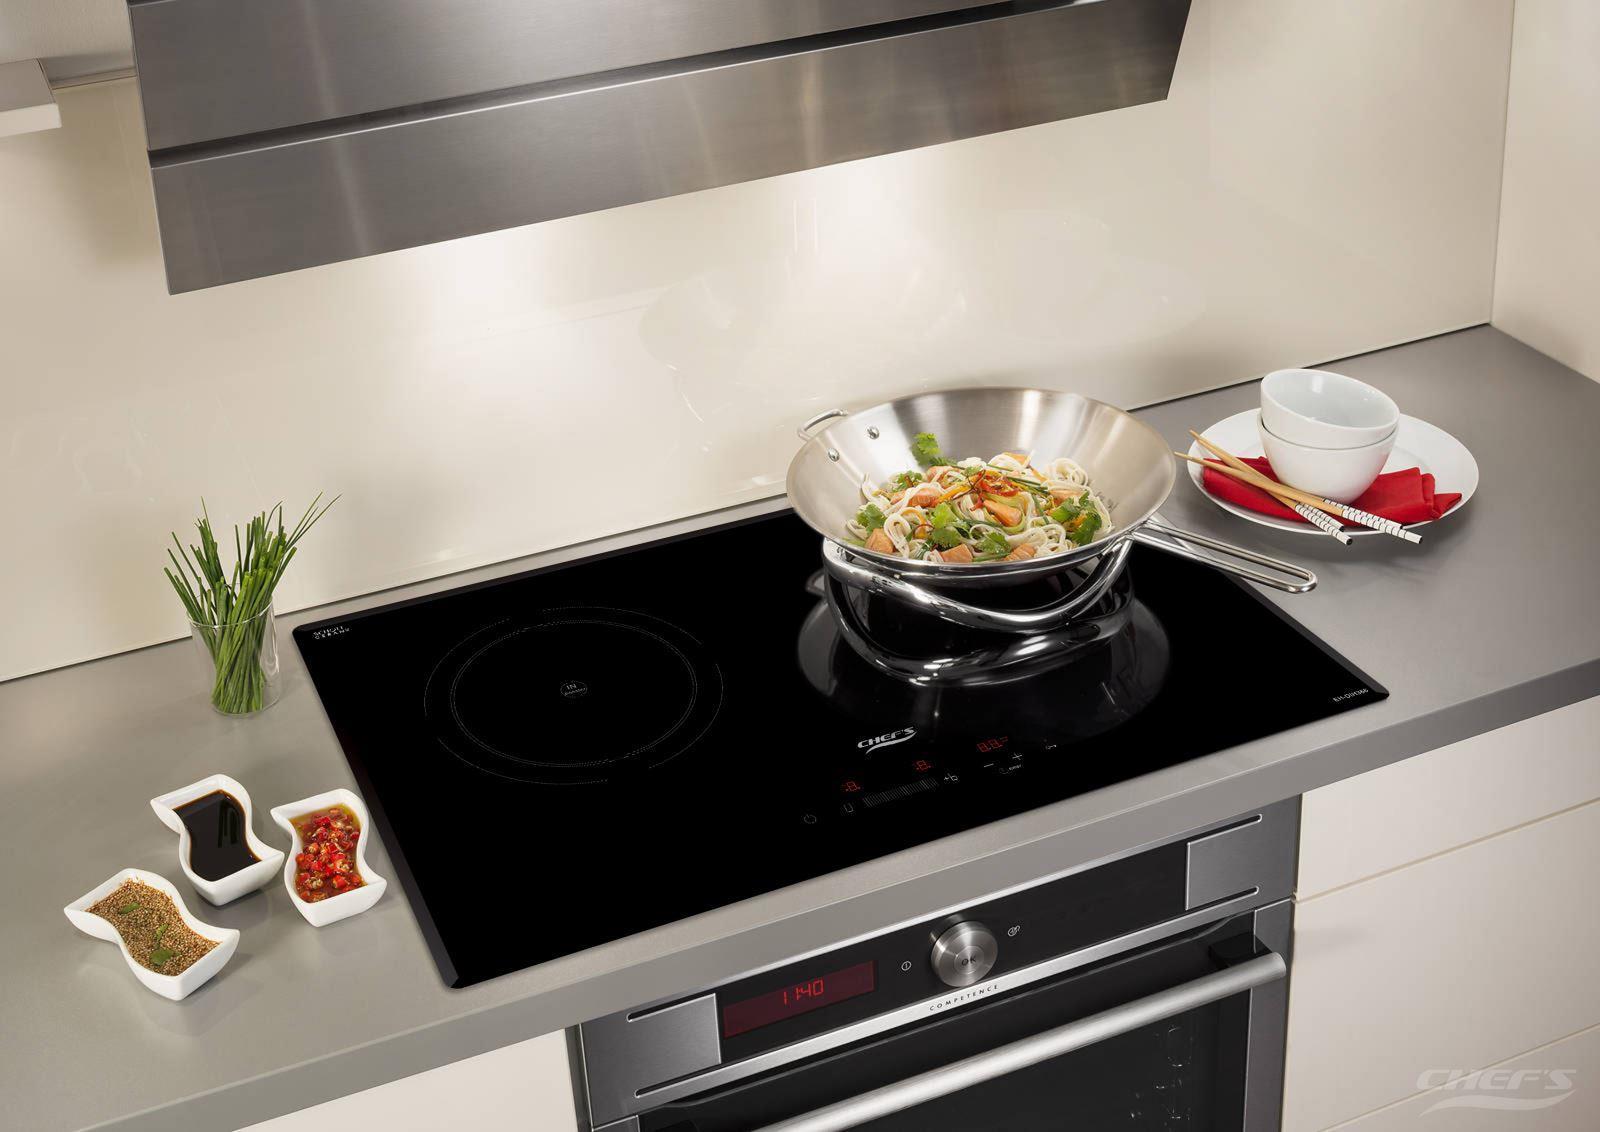 sửa chữa bếp điện bếp từ chuyên nghiệp uy tin